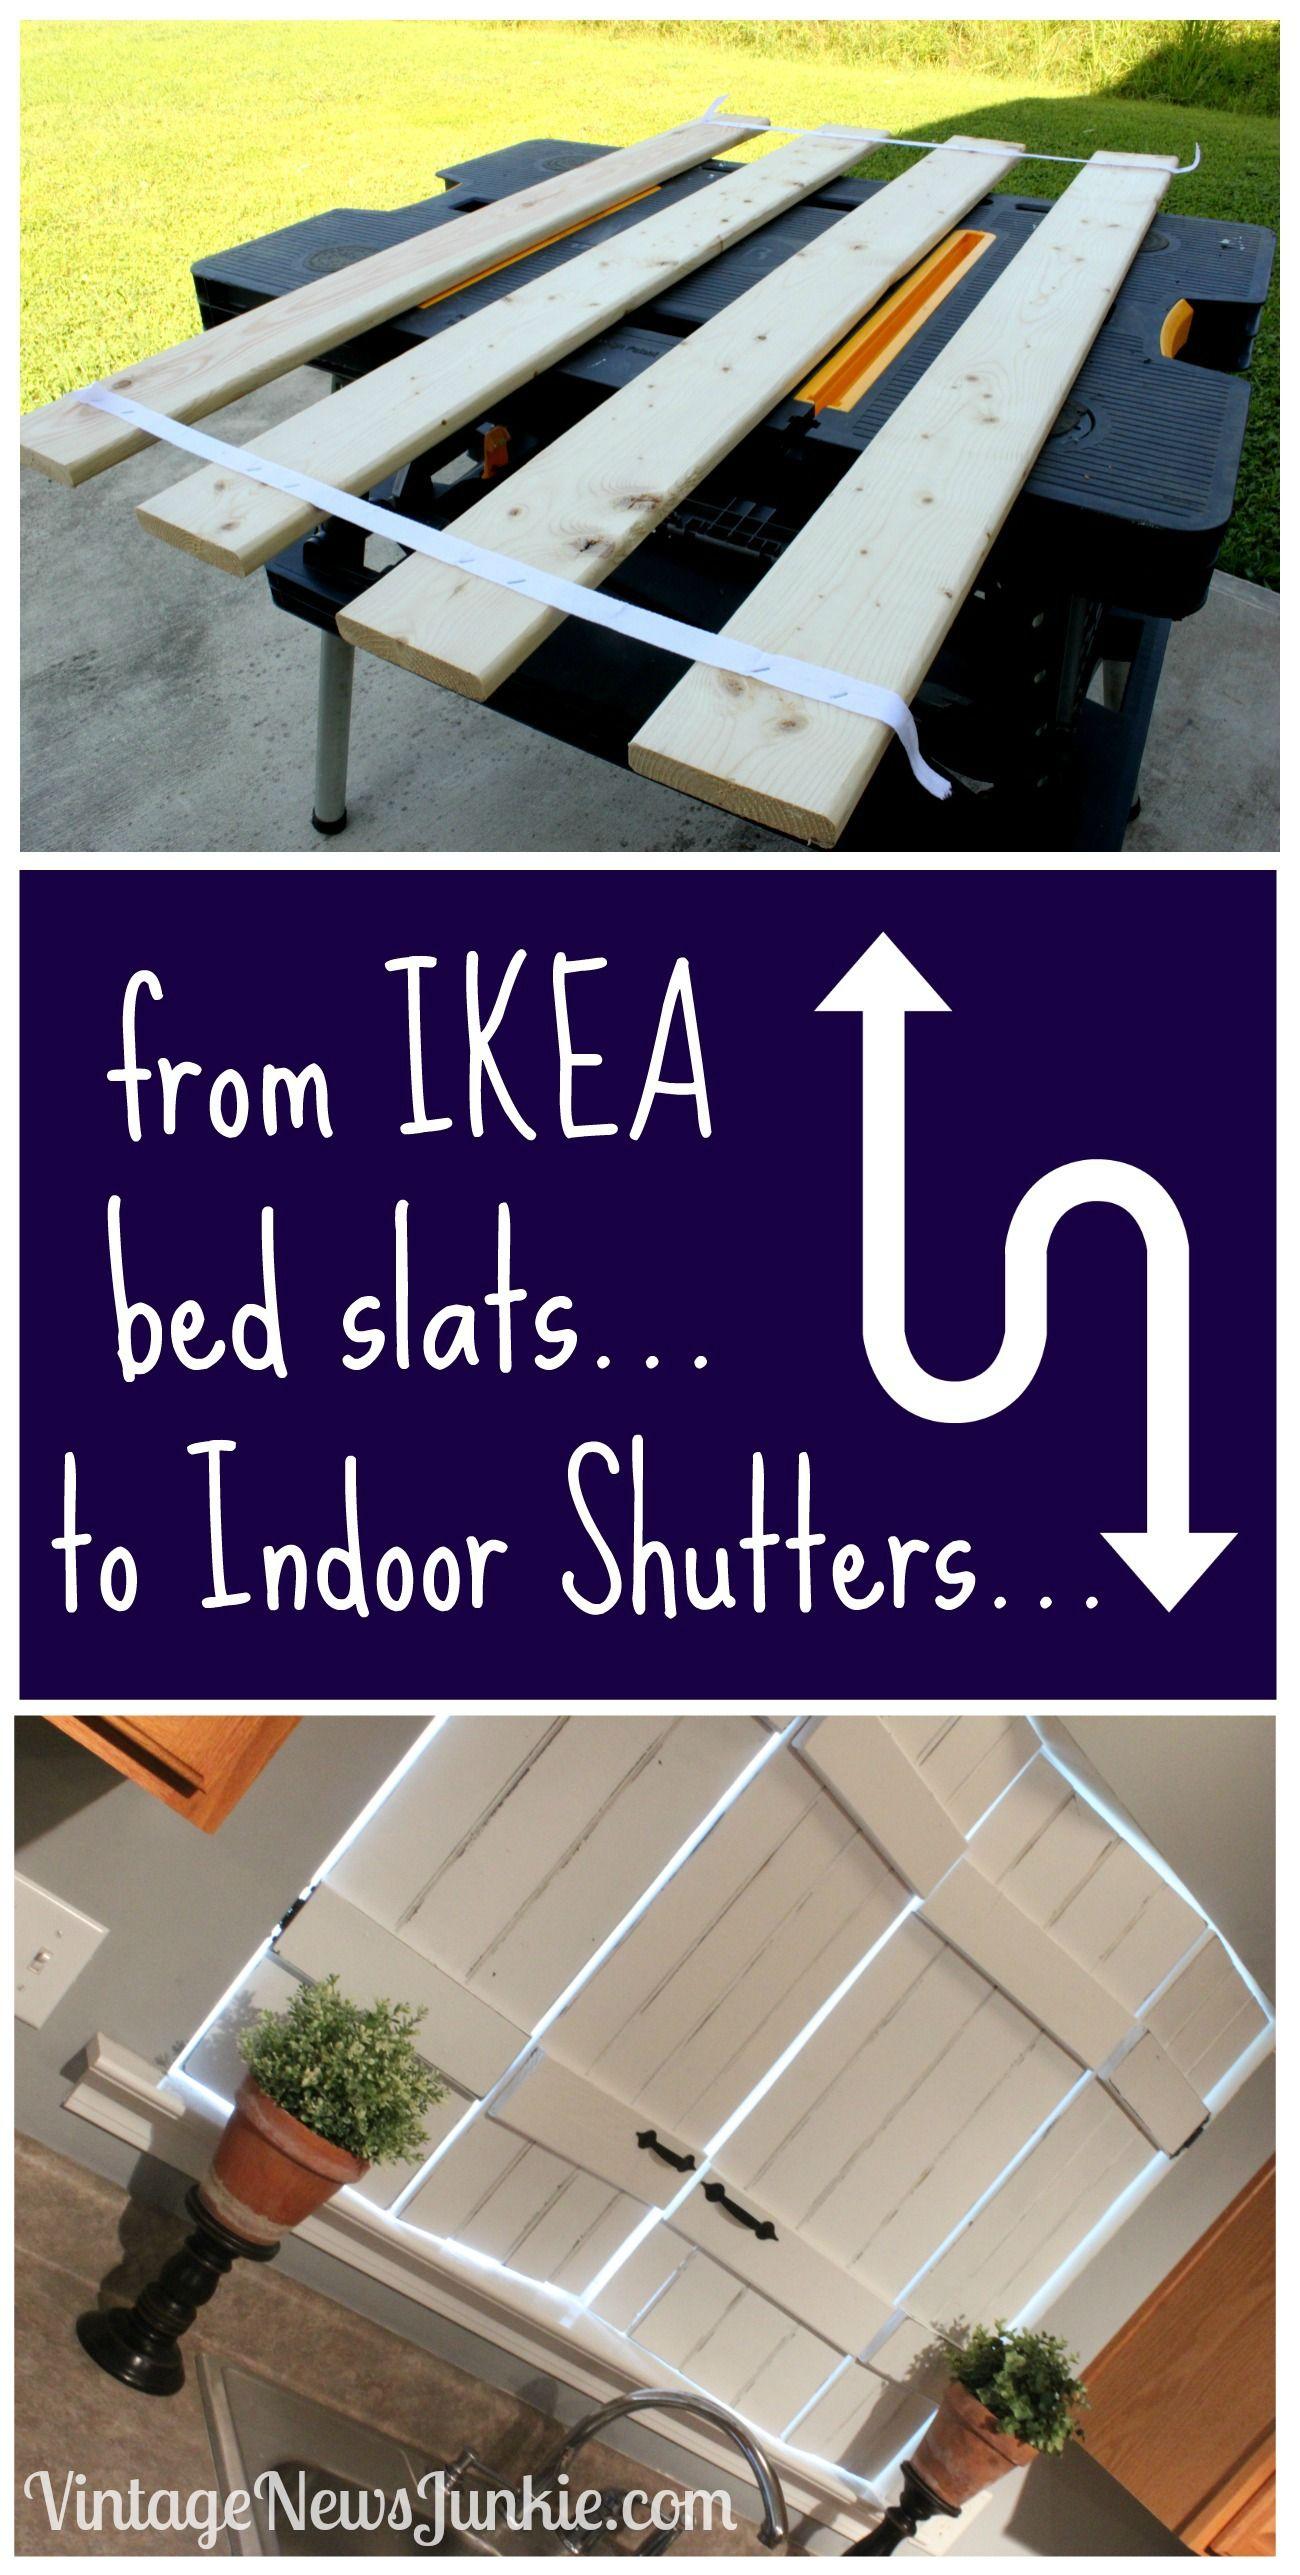 Flutter Flutter Kitchen Shutters Victory is Sweet Ikea bed slats